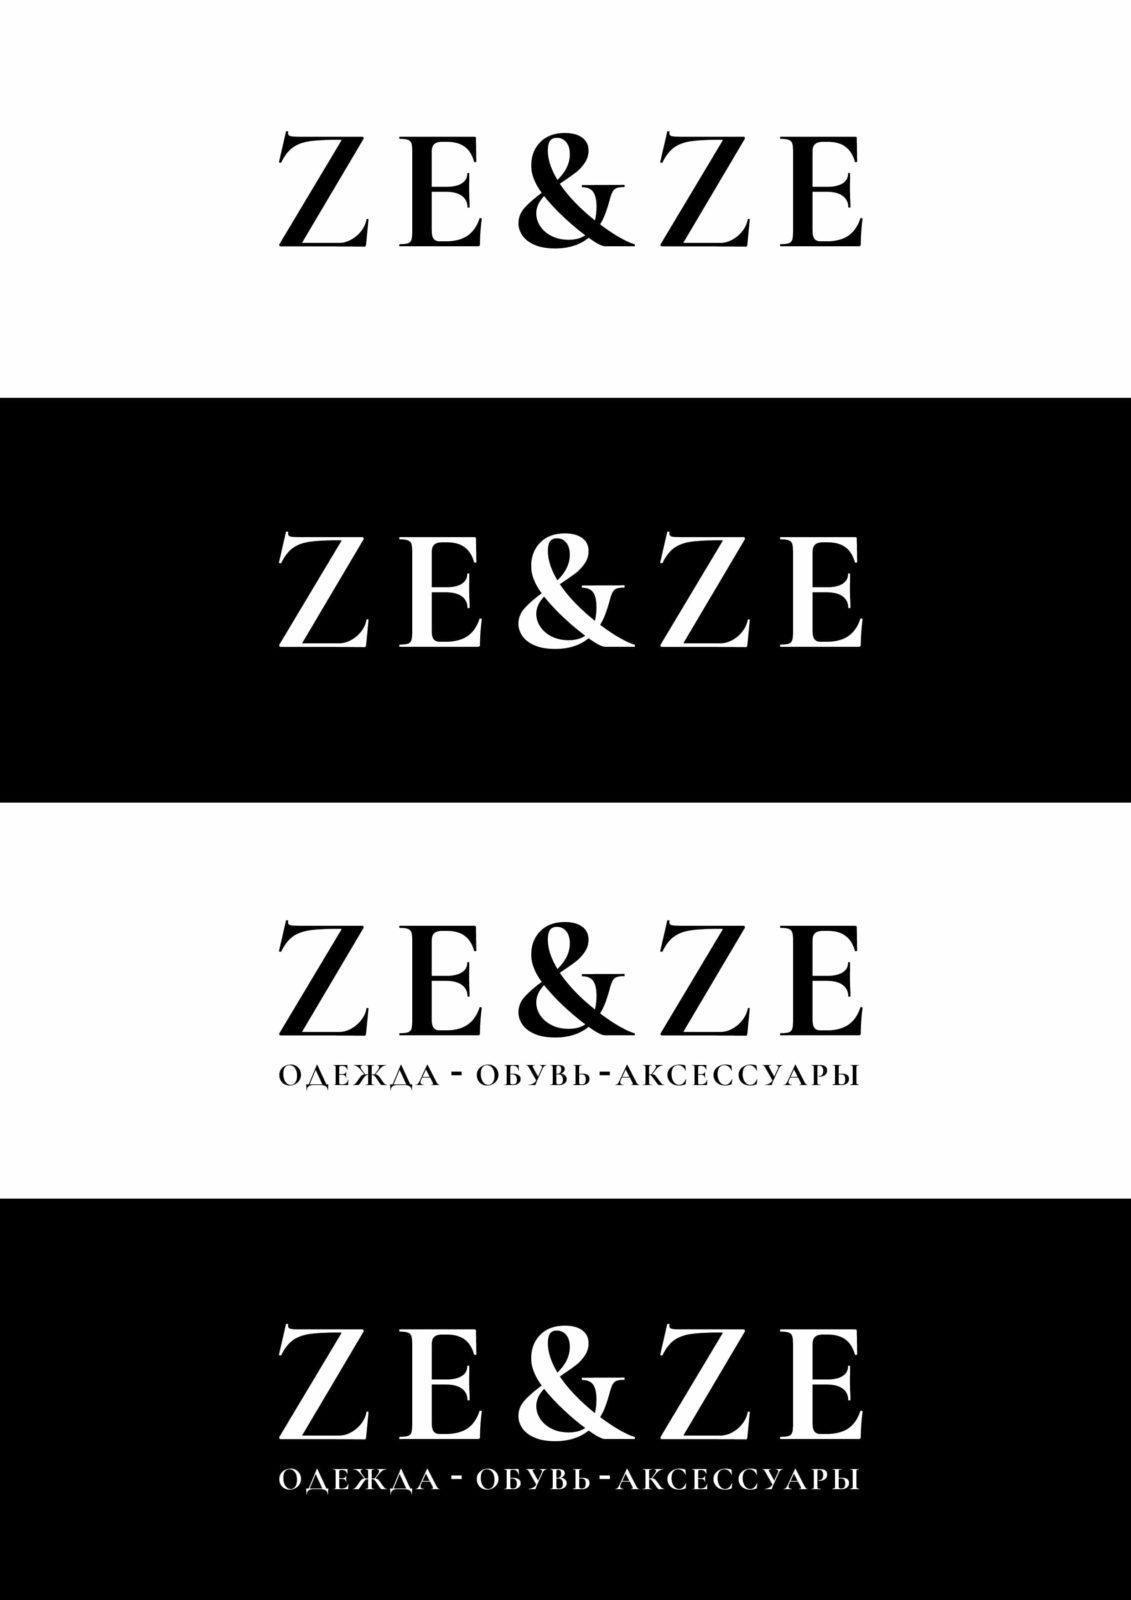 Логотип для магазина одежды вариант 1